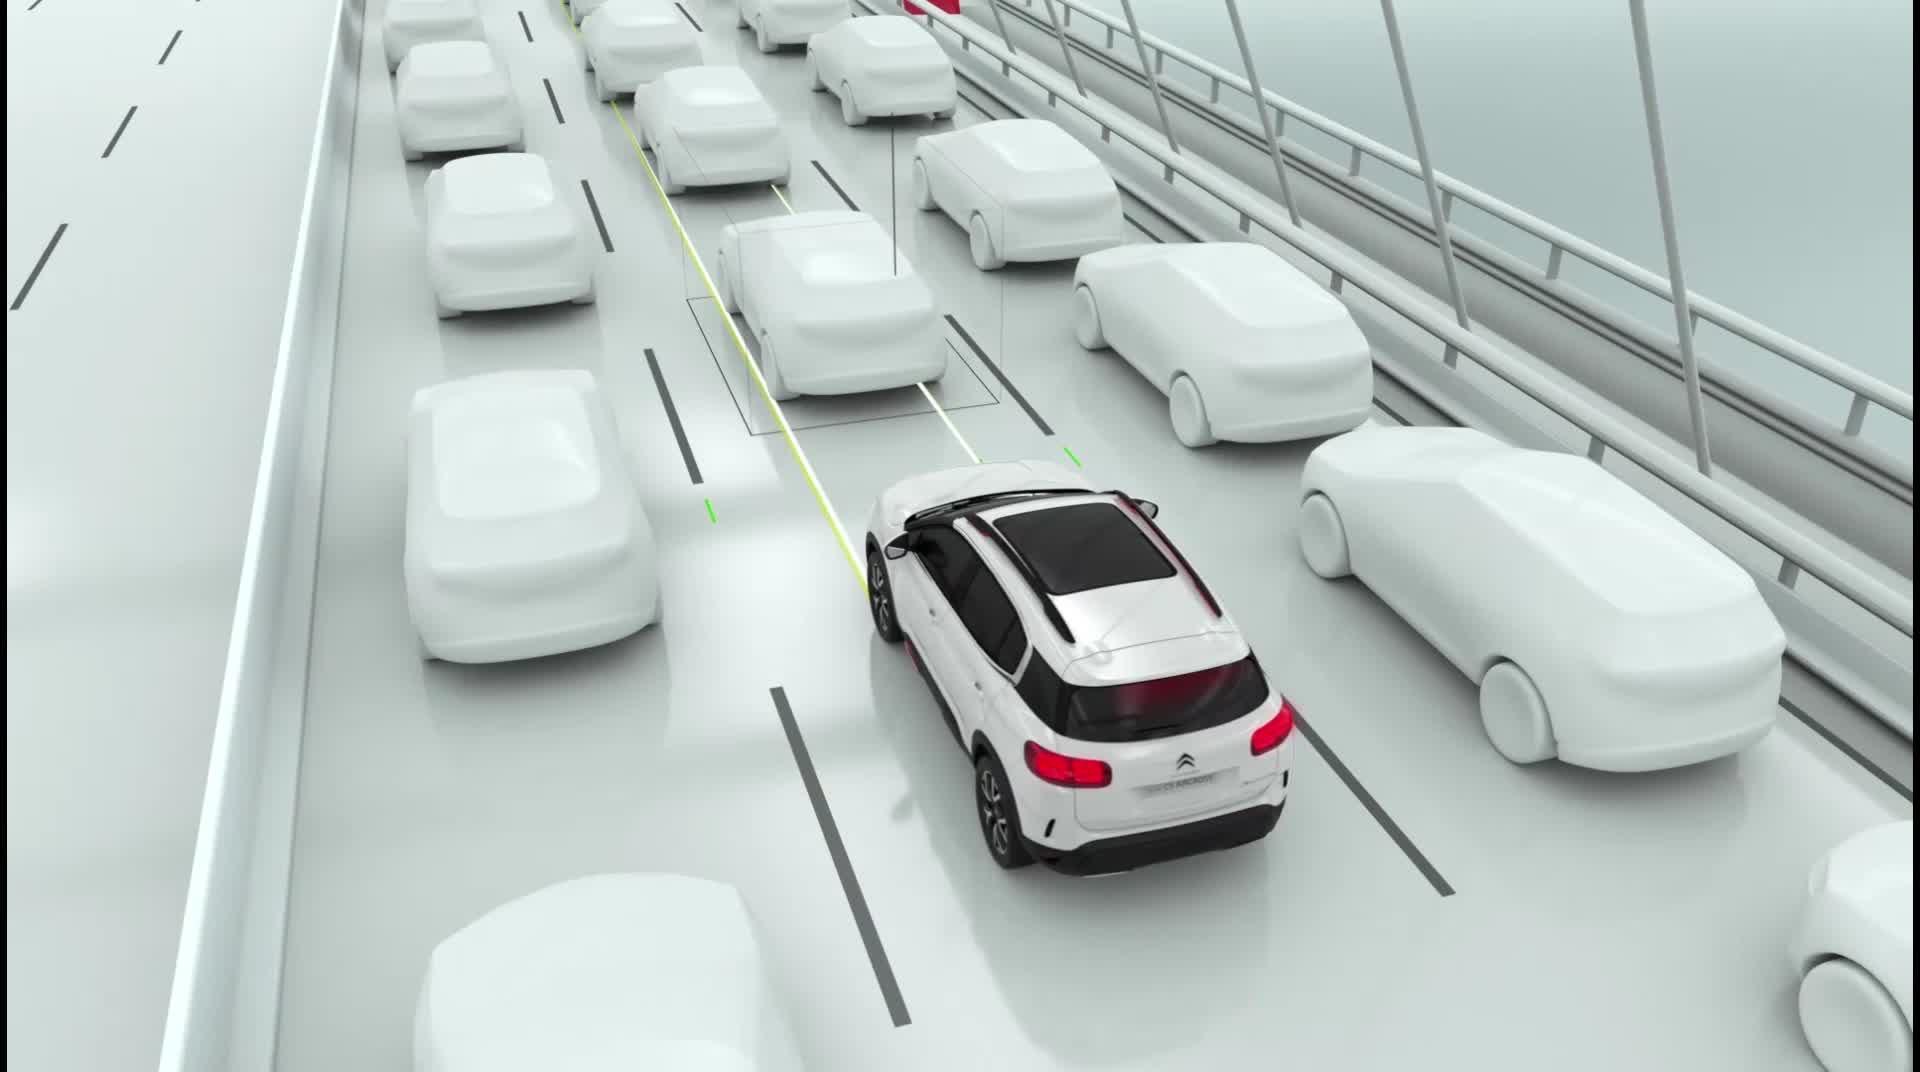 雪铁龙天逸高级驾驶辅助系统(ADAS)解析